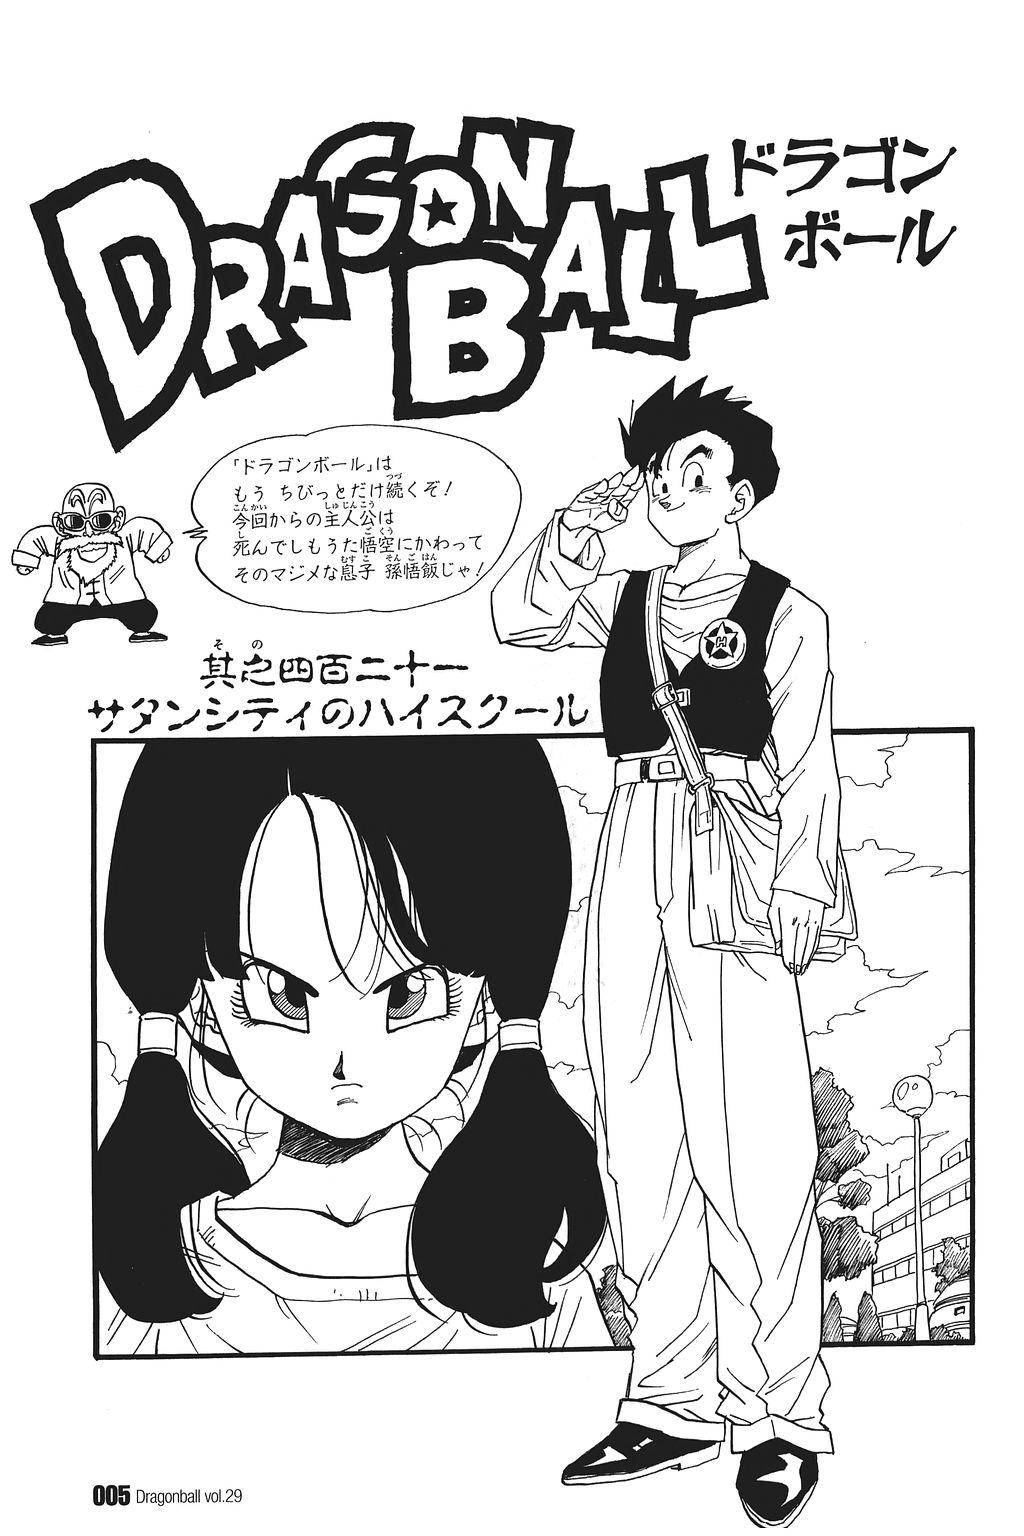 xem truyen moi - Dragon Ball Bản Vip - Bản Đẹp Nguyên Gốc Chap 421